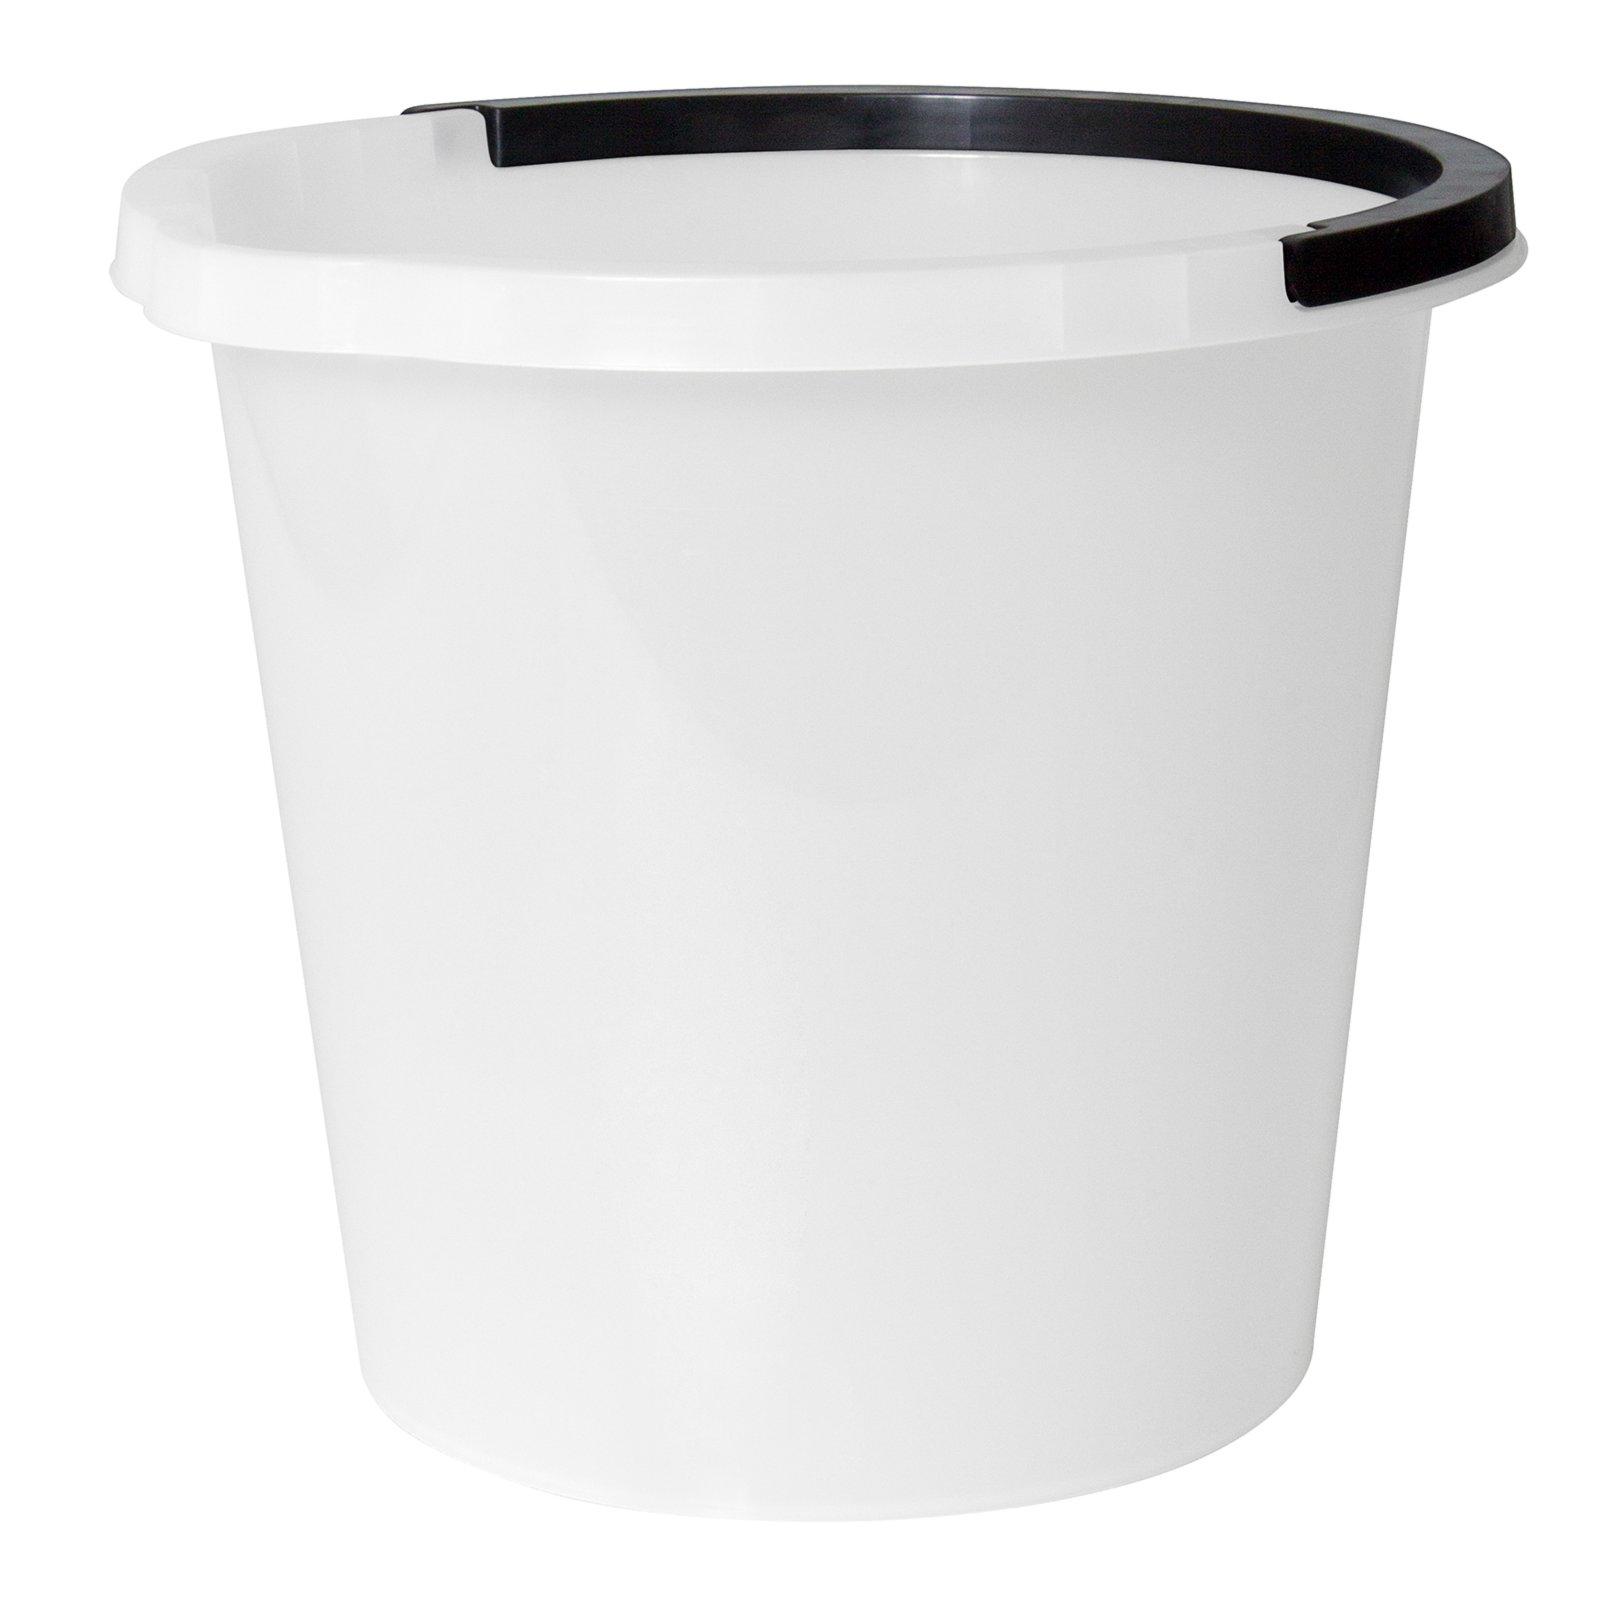 eimer mit ausgusslippe wei 10 liter mop bodenwischer reinigen hauswirtschaft keller. Black Bedroom Furniture Sets. Home Design Ideas